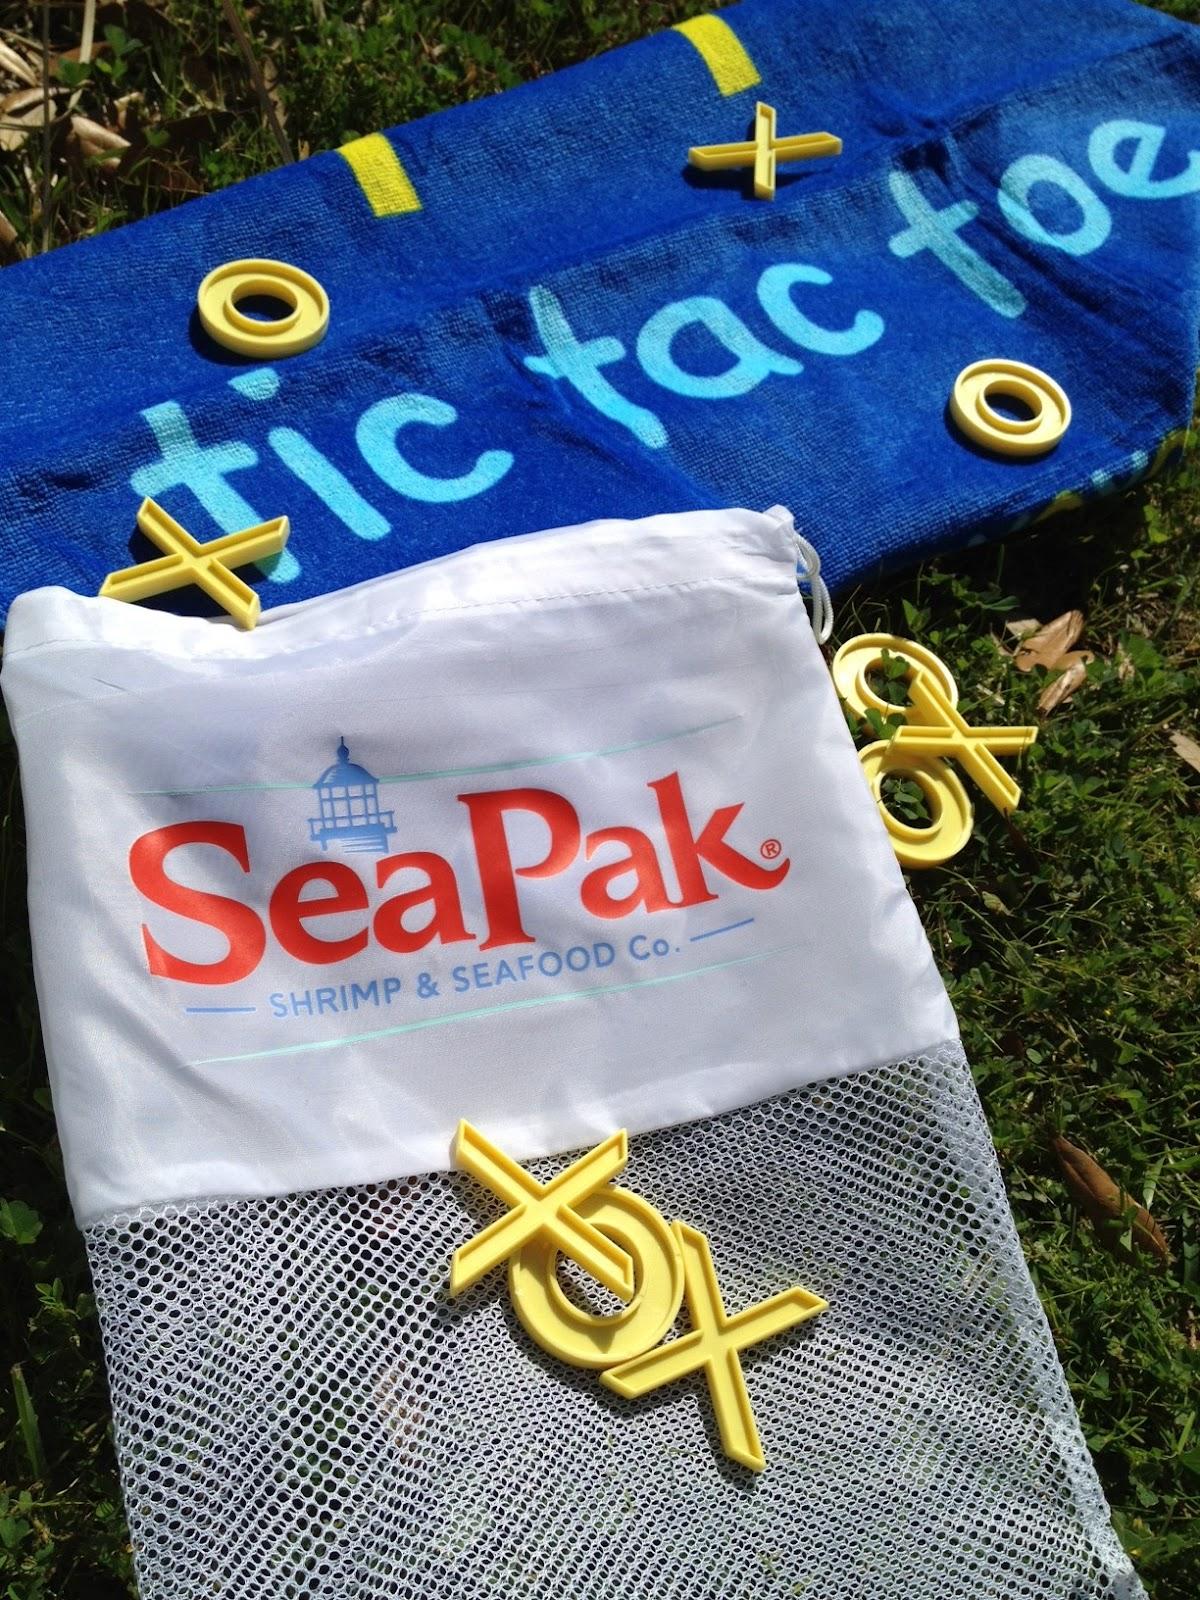 Seapak Crab Cakes Review